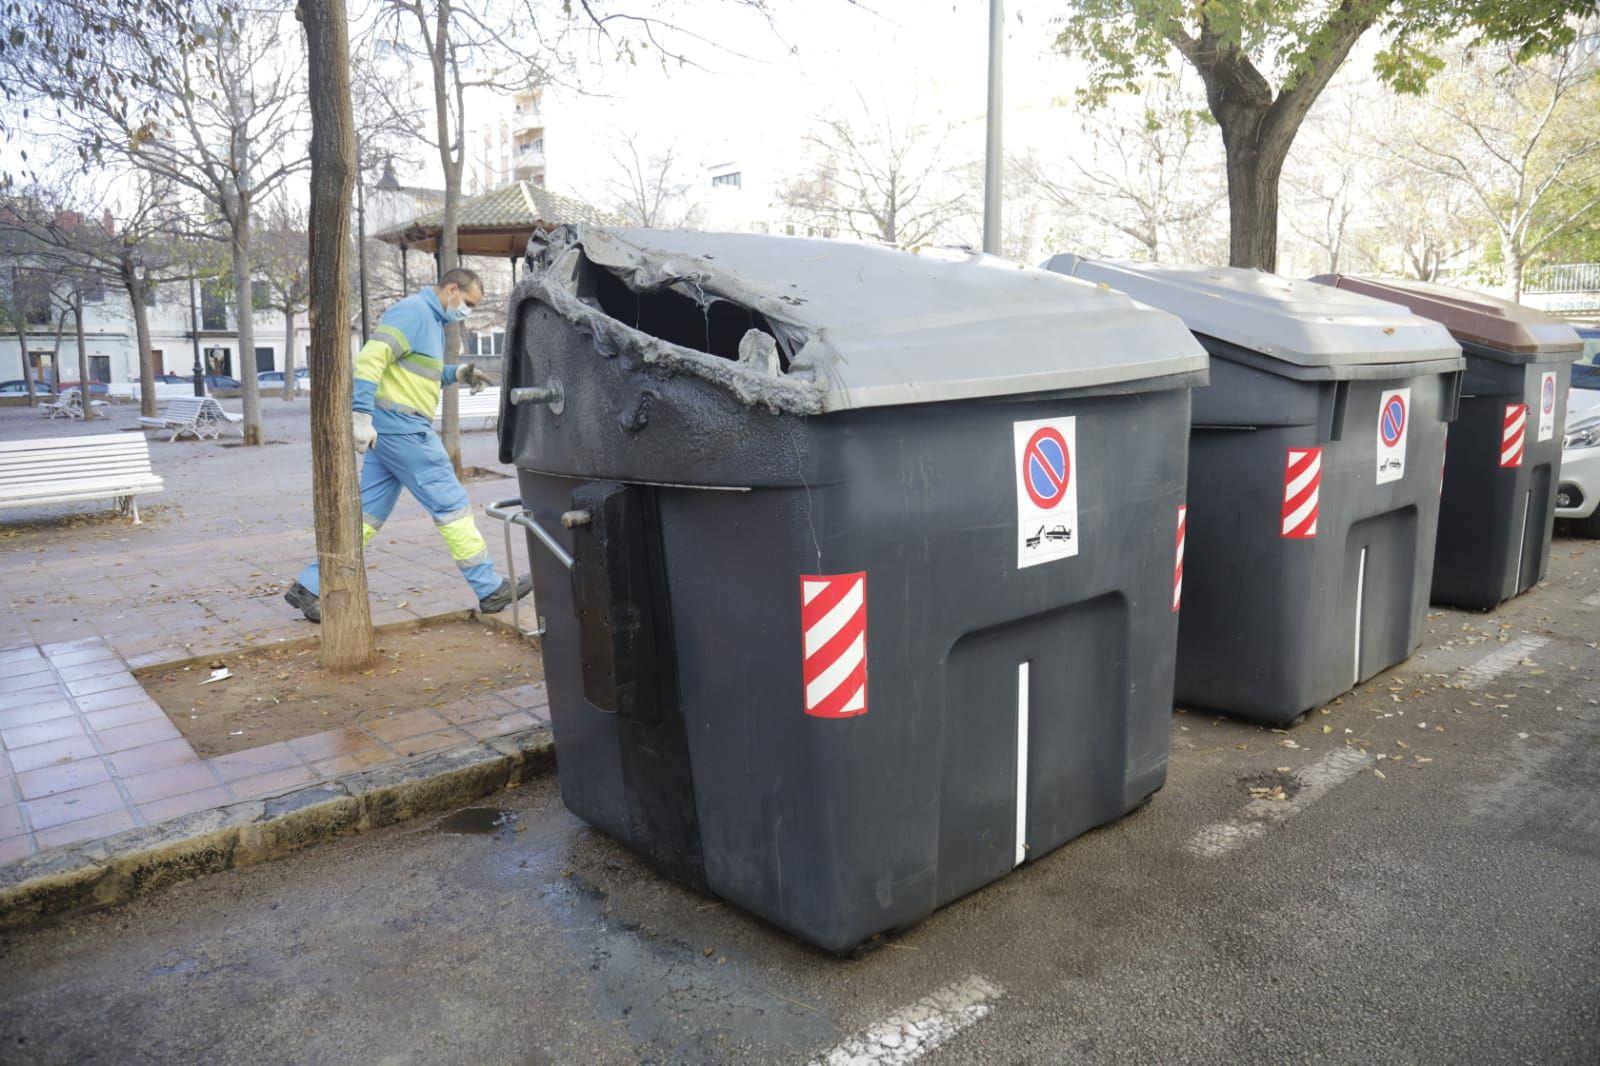 Nueva oleada de incendios de contenedores en Palma